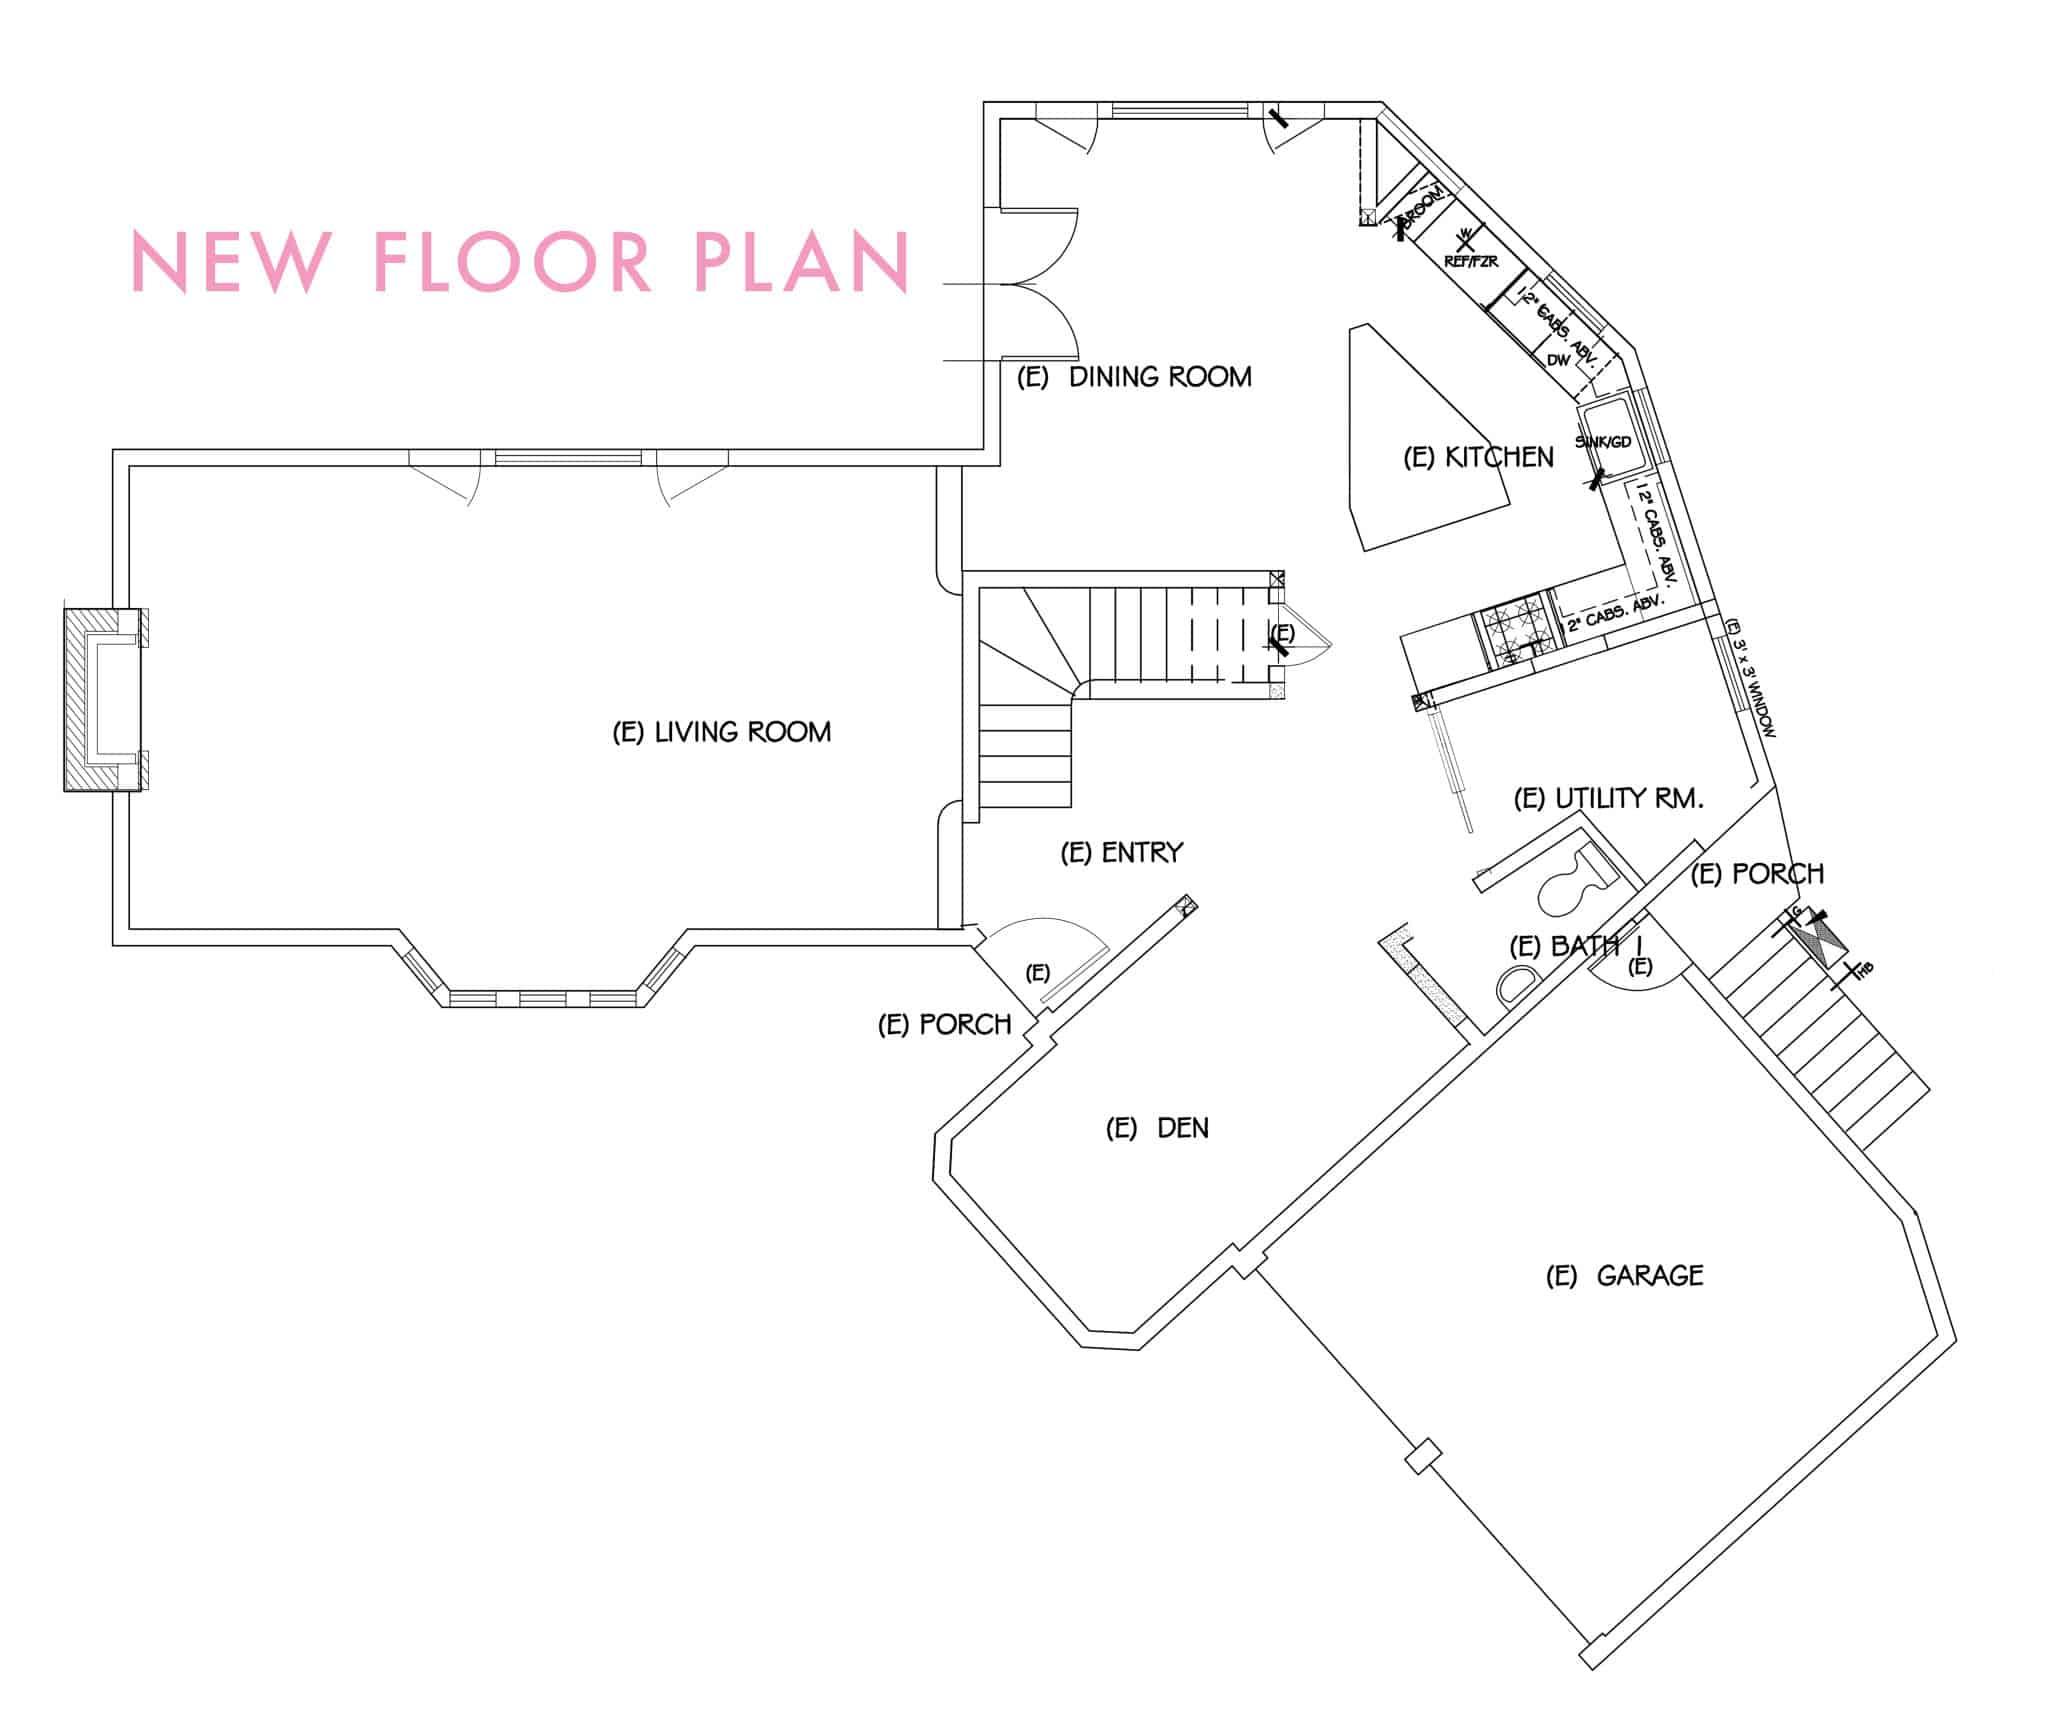 original_floor-plan_revised-floor-plan_new-floor-plan_2